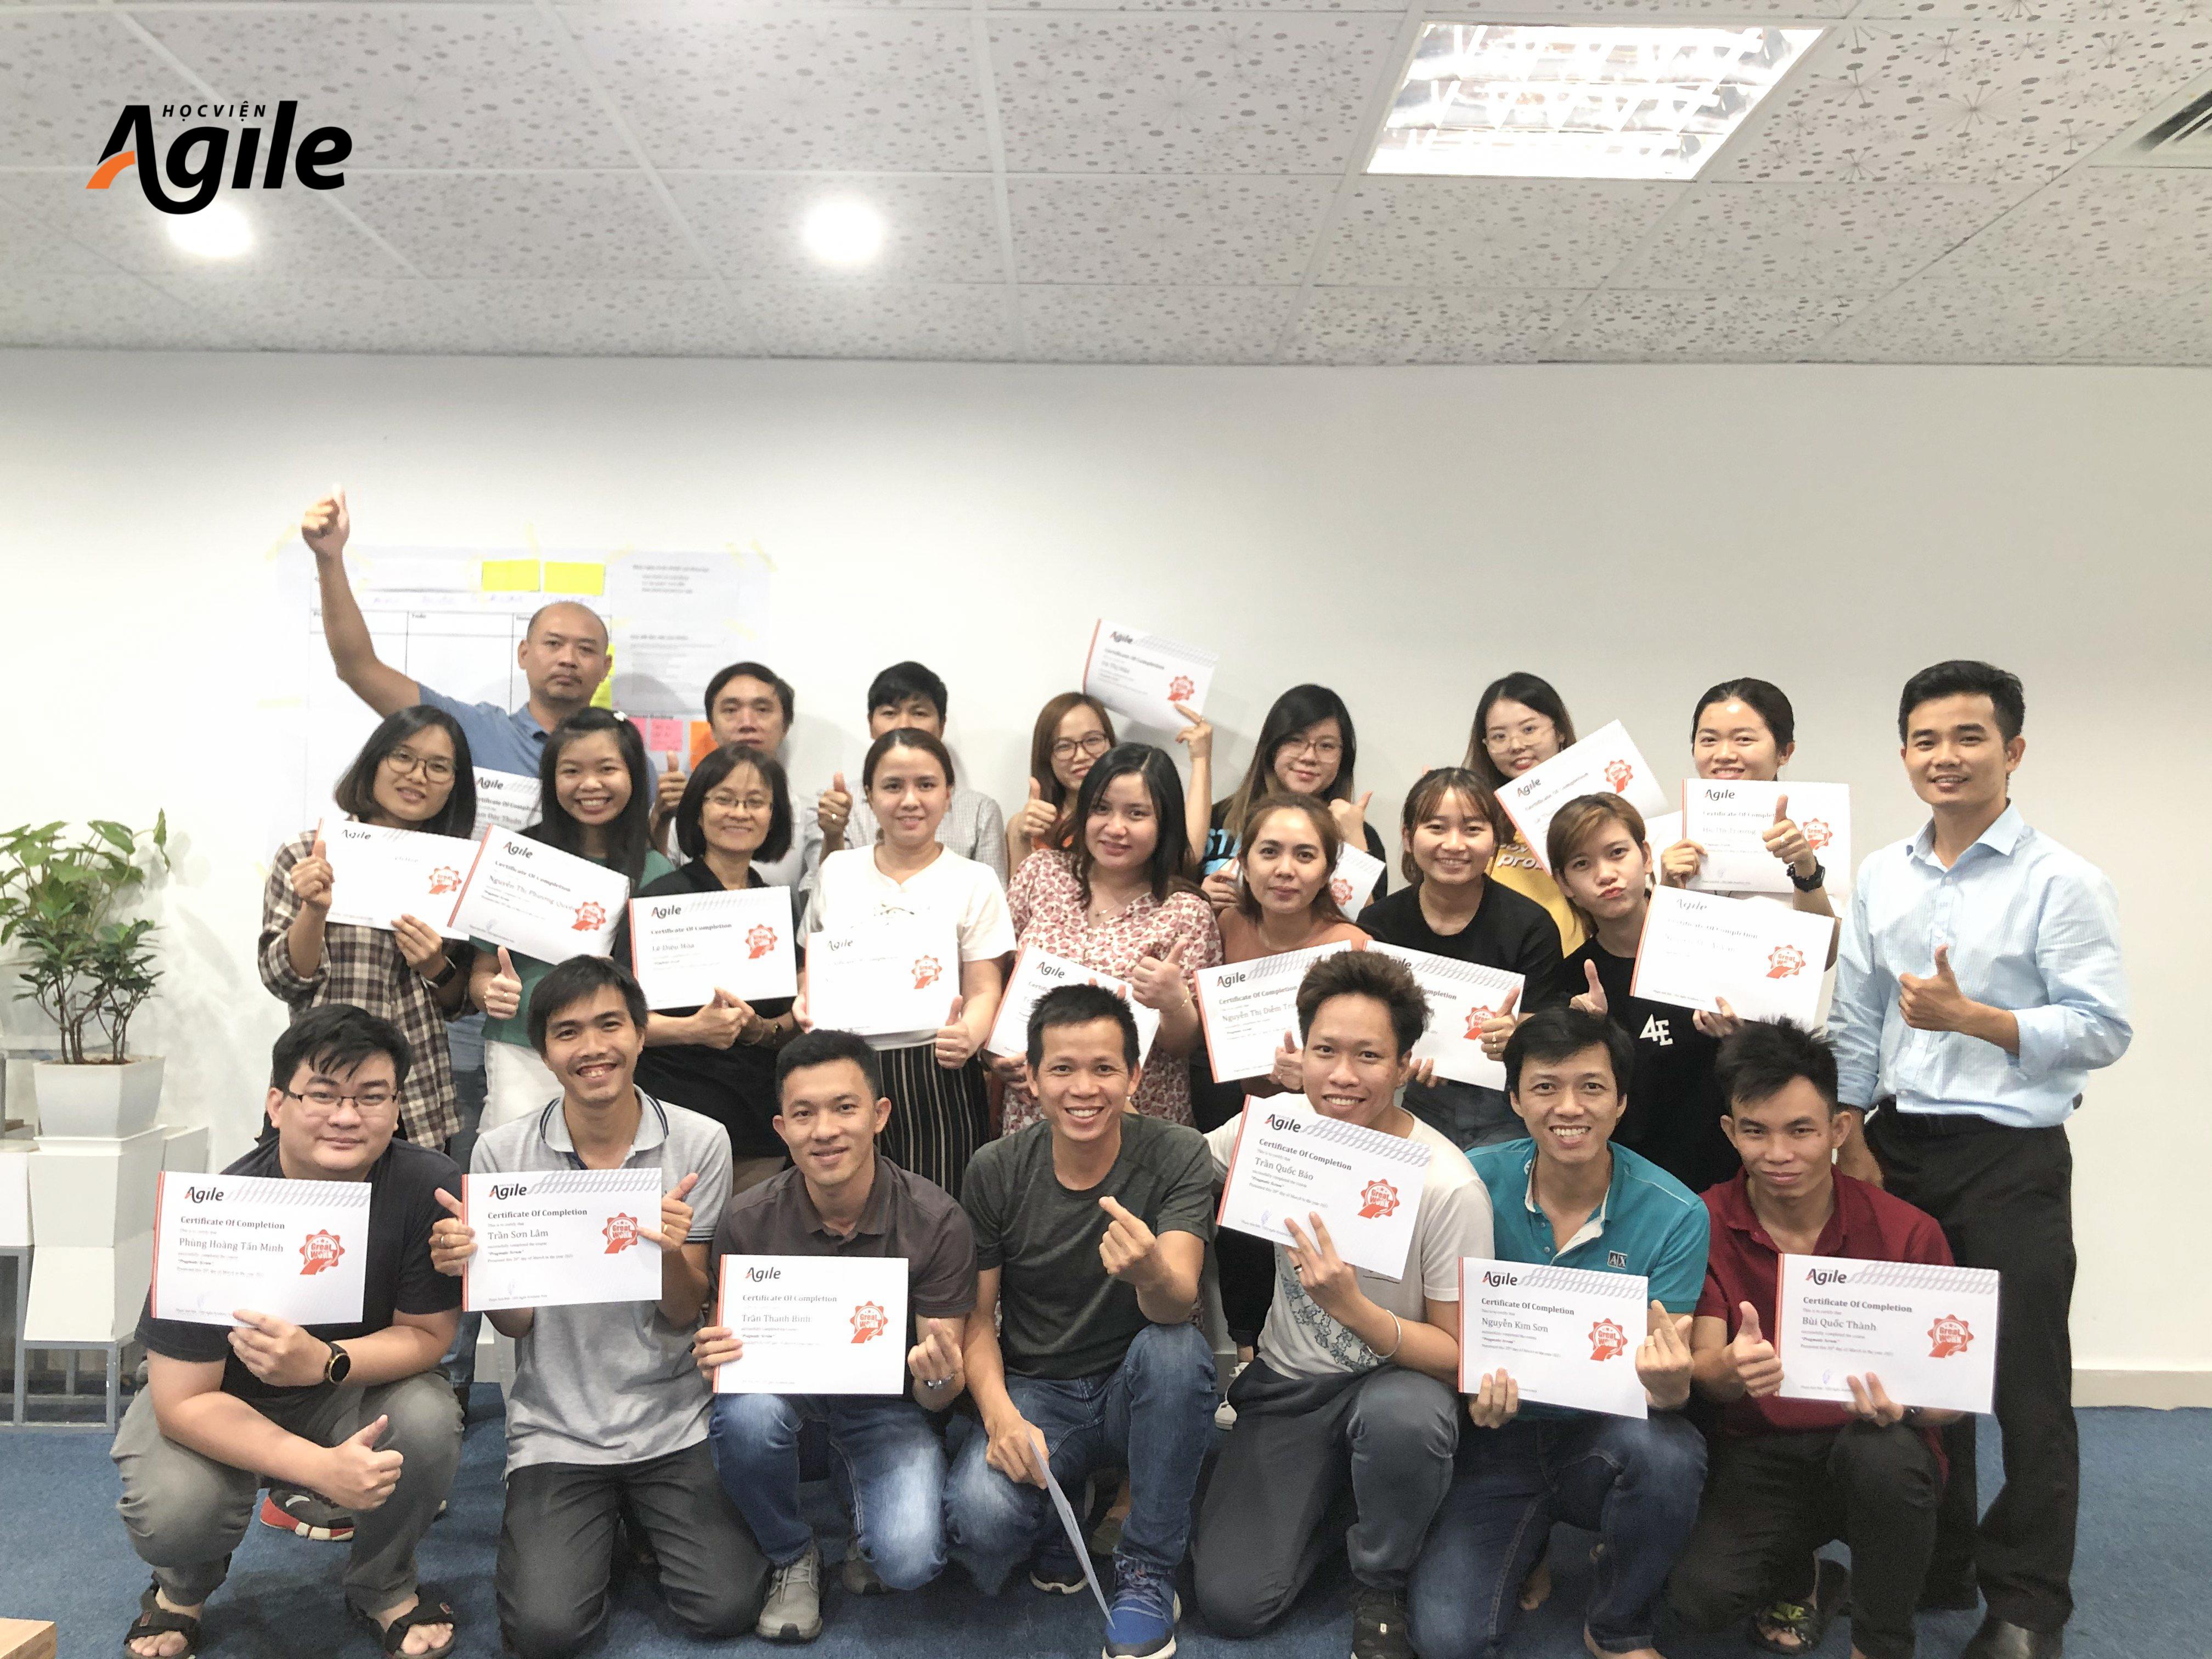 Hình ảnh đào tạo của Học viện Agile tại Tập đoàn công nghệ CMC